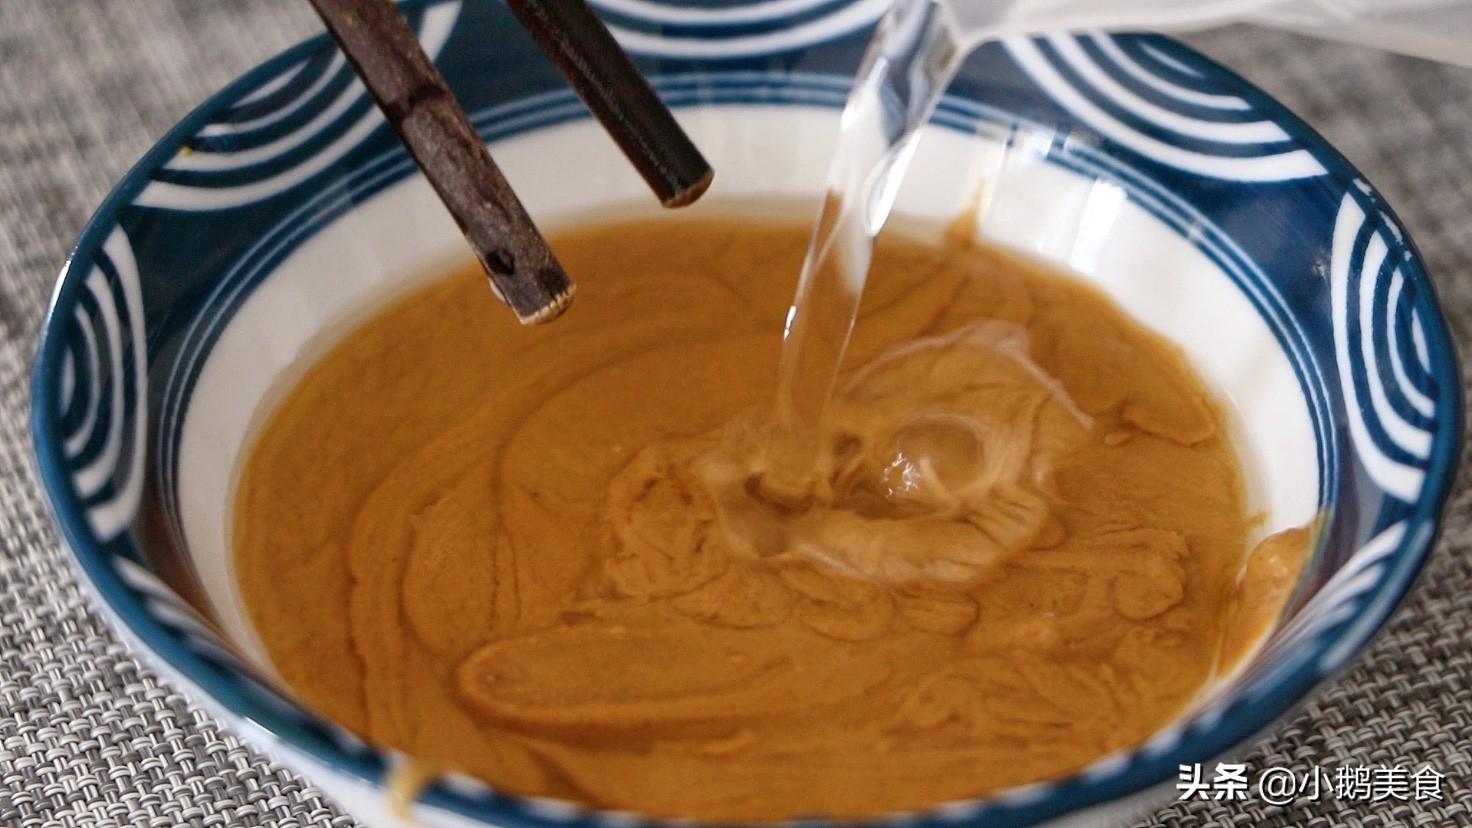 天热了,面条就要这样吃,我家一周吃8次,开胃解馋,2碗不够吃 美食做法 第6张